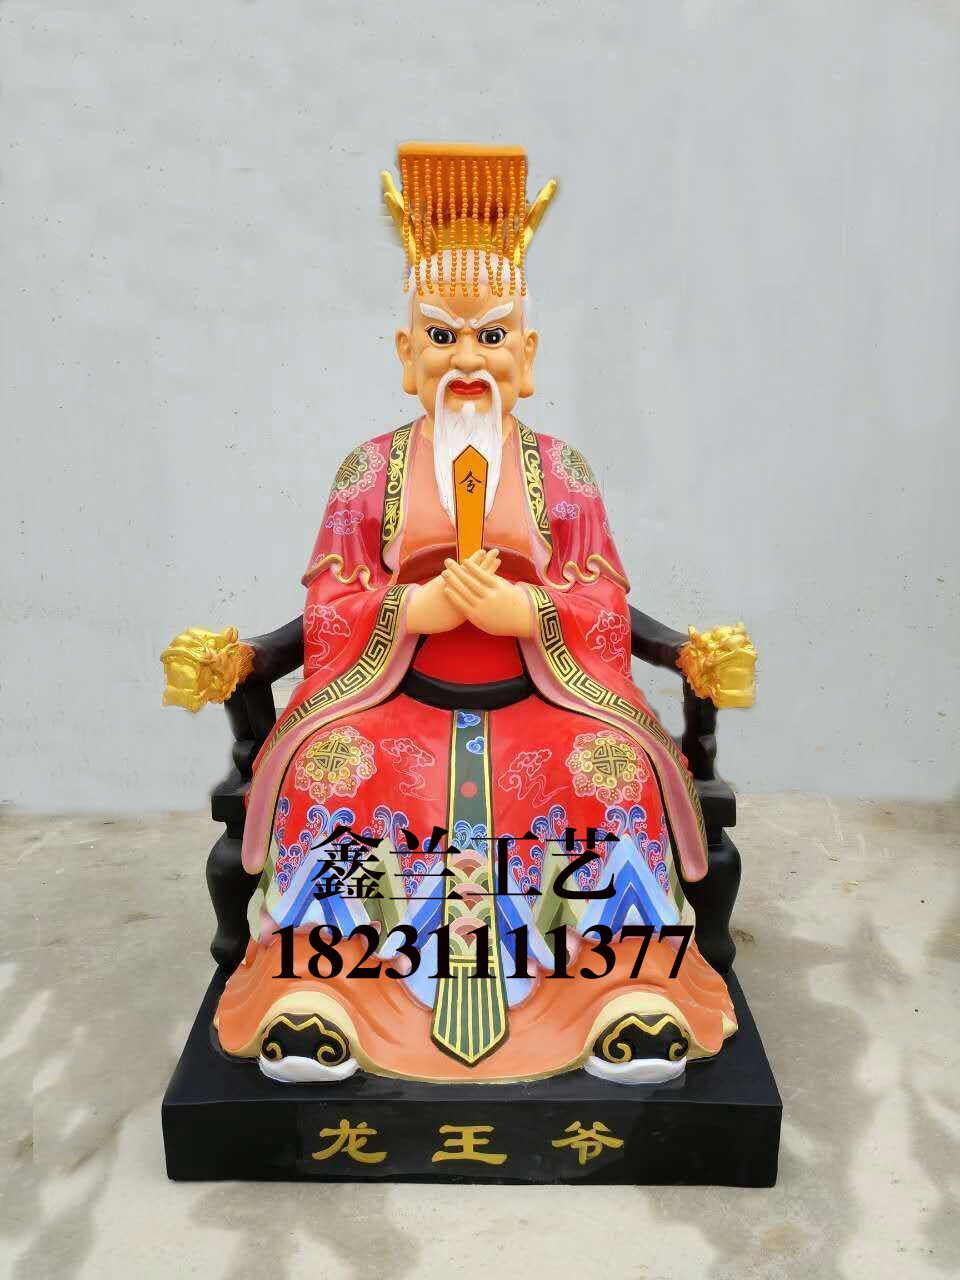 铜雕佛像龙王爷神像 铸铜四海龙王佛像 龙王菩萨神像 坐像龙王爷